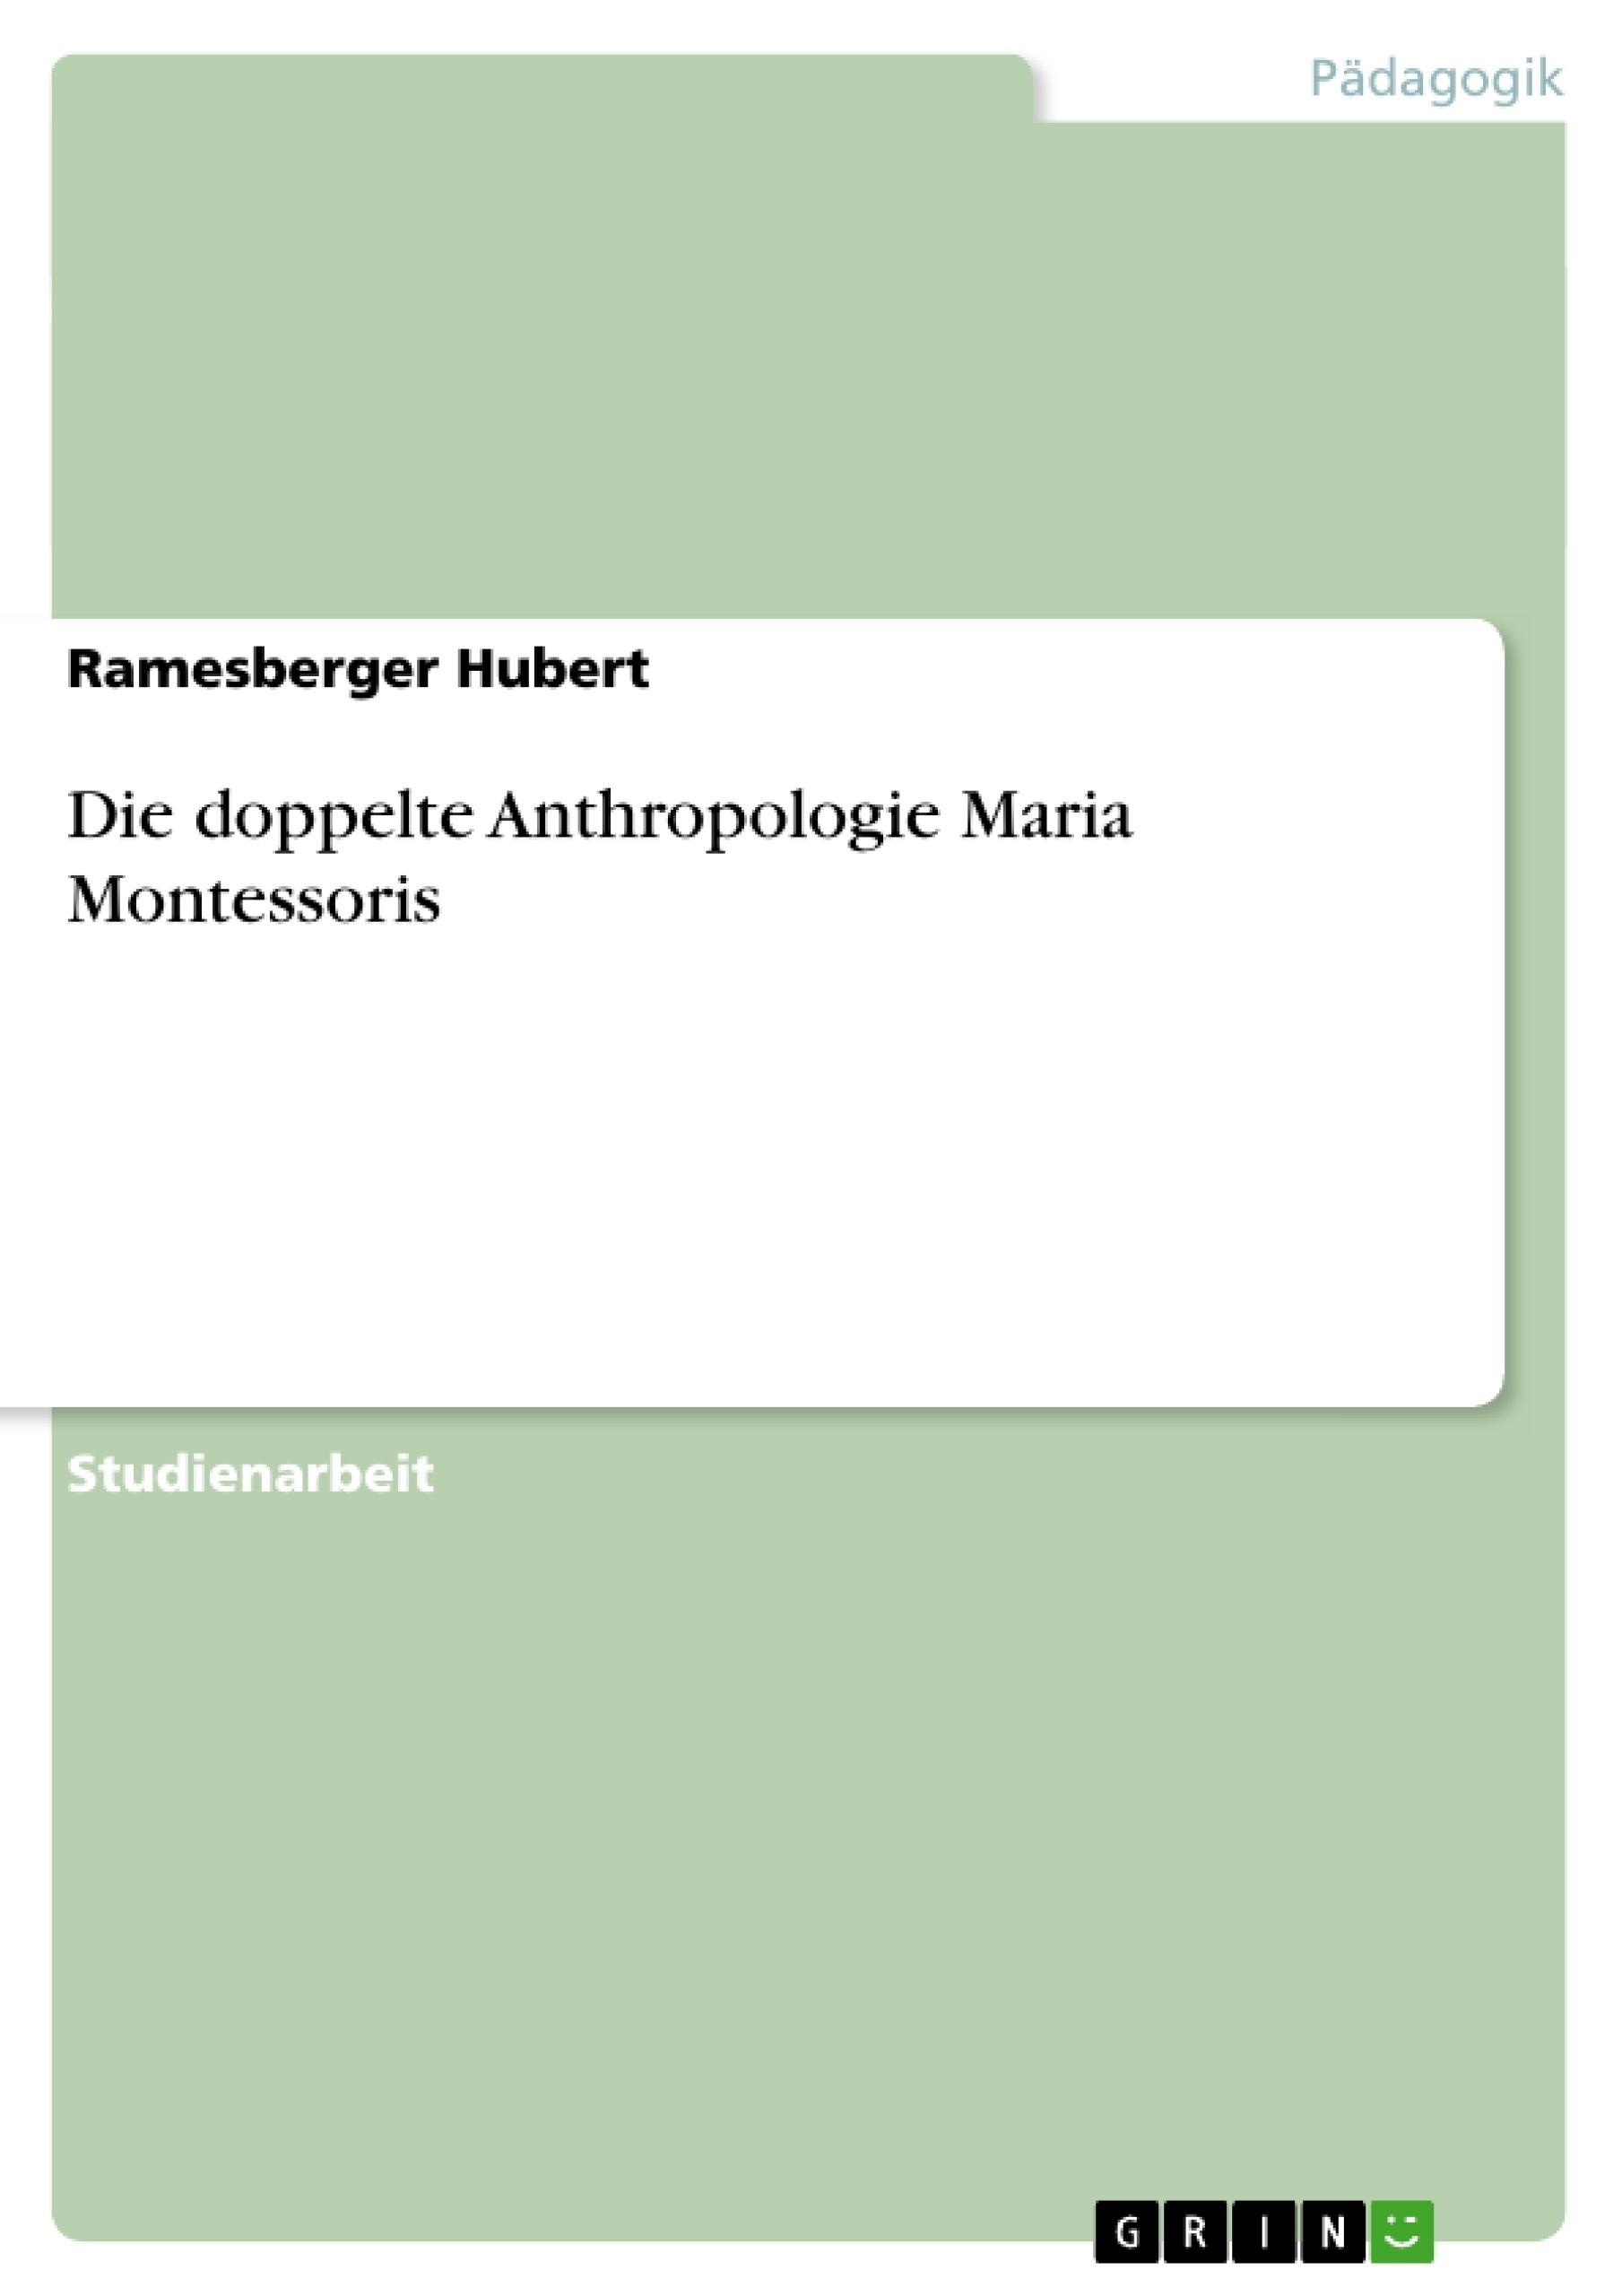 Titel: Die doppelte Anthropologie Maria Montessoris